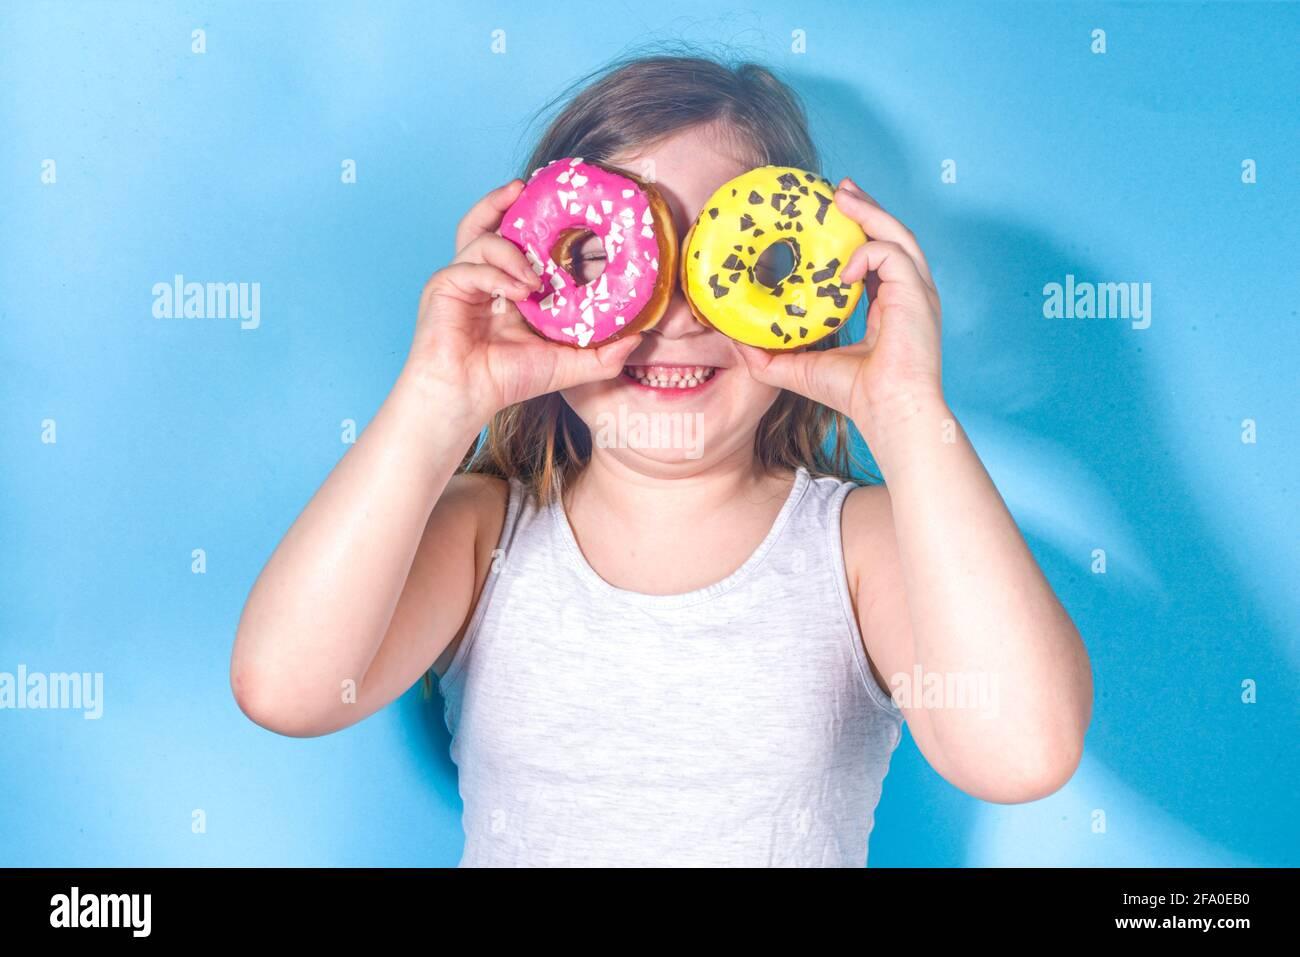 Petite fille drôle heureuse avec sucre coloré glacé de beignets roses et jaunes, vacances, bonheur, concept de vacances d'été, Banque D'Images